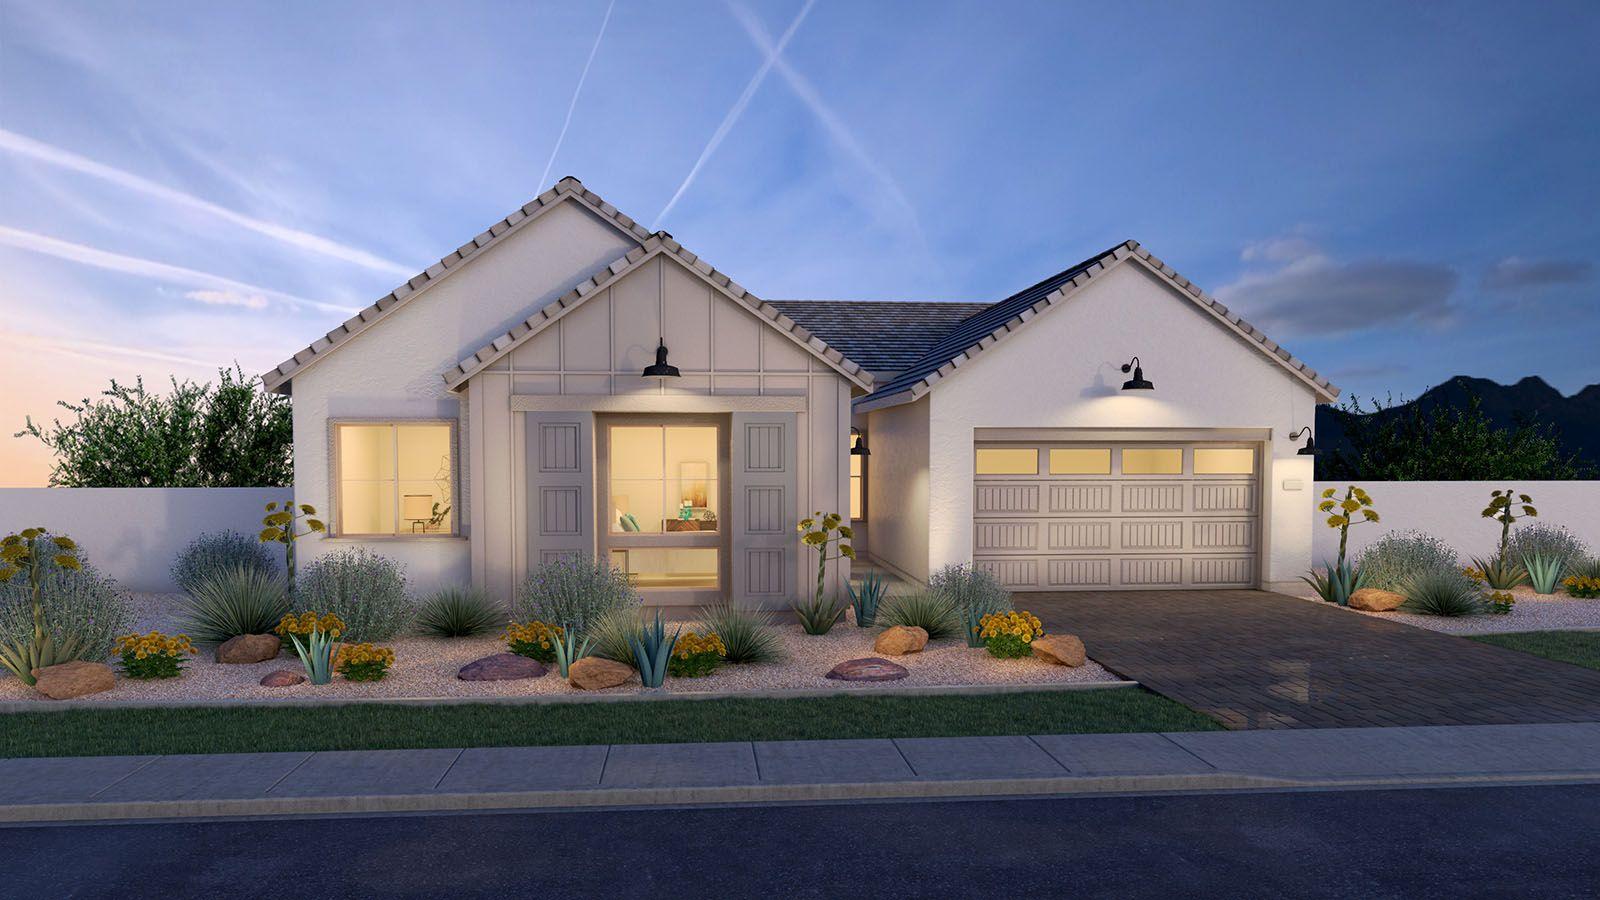 MH-residence-Avocet-50-1-B-Modern-Farmhouse-DUSK-R:Farmhouse Elevation